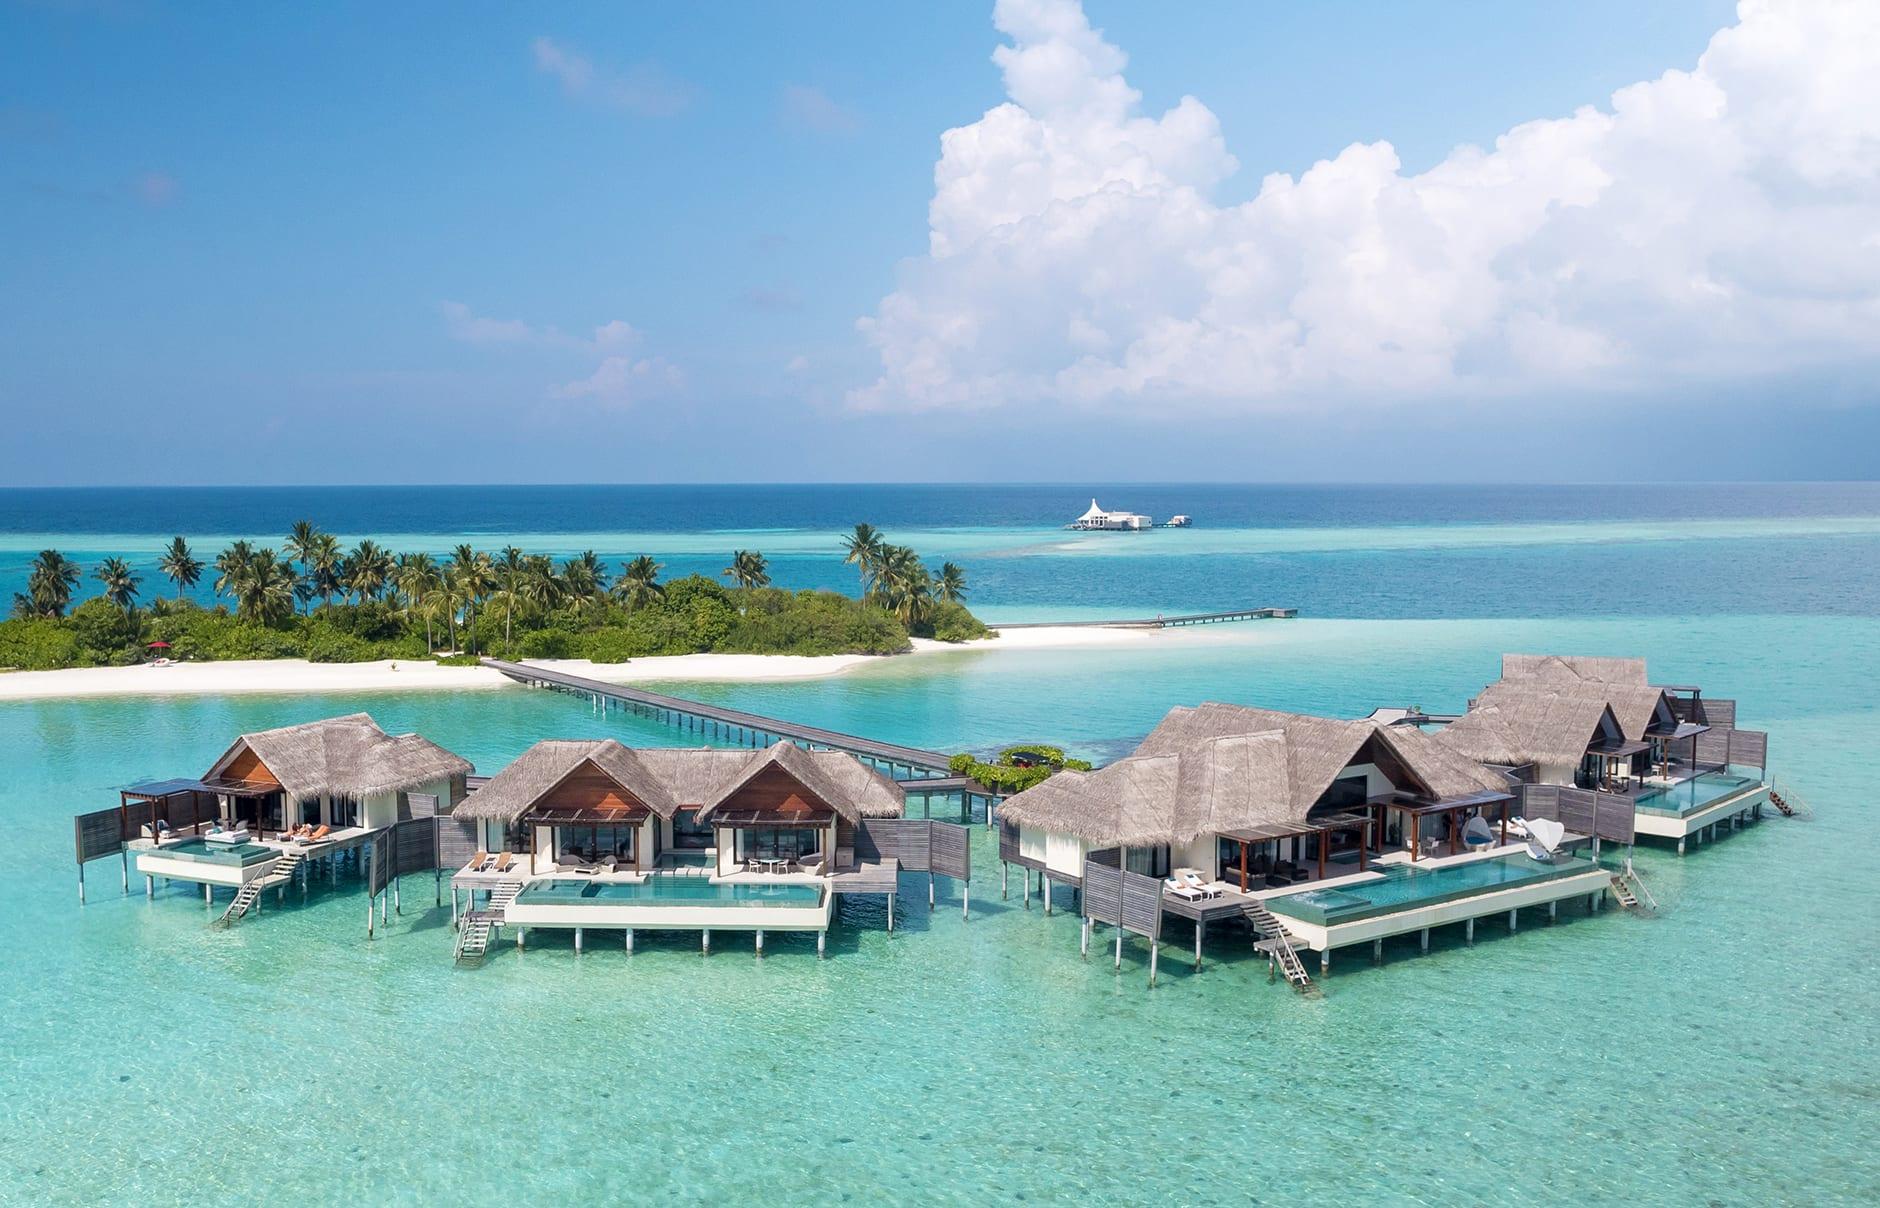 Niyama aerial. Niyama, Maldives. © Per AQUUM